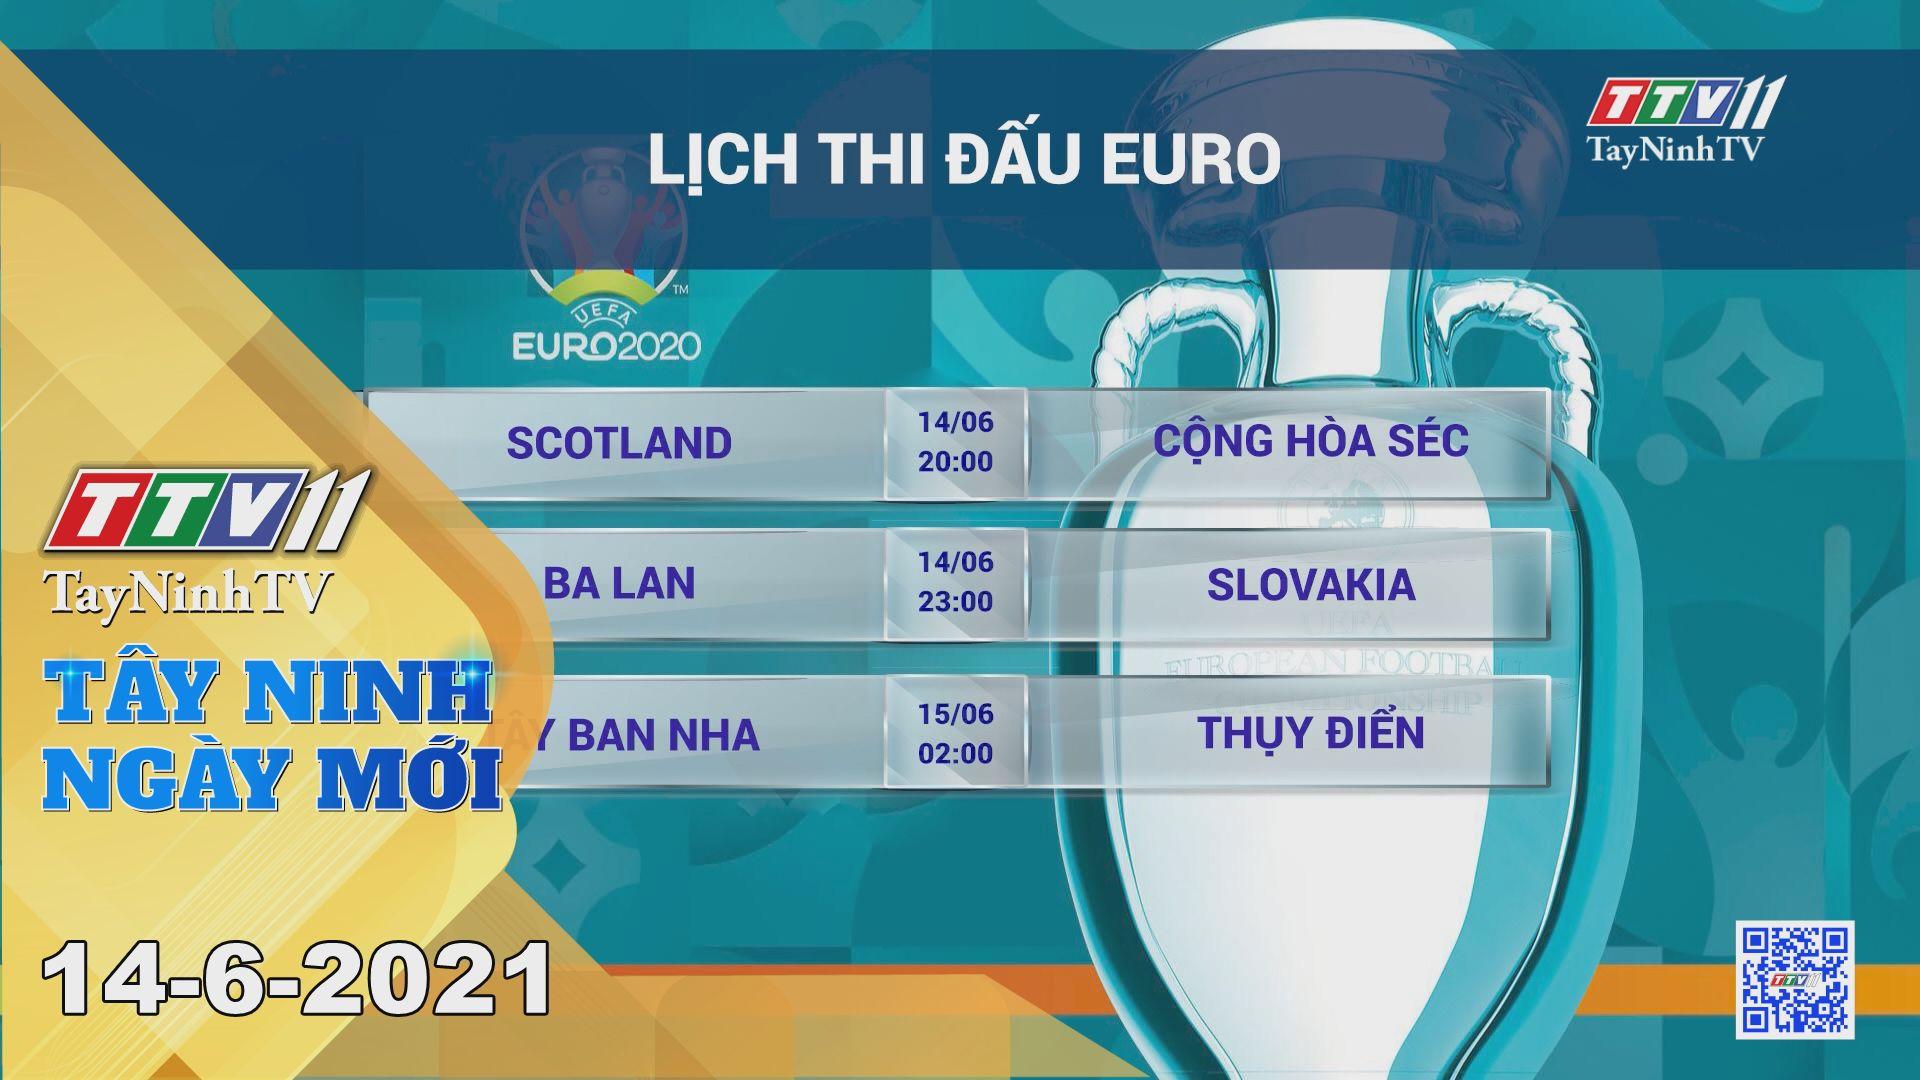 Tây Ninh Ngày Mới 14-6-2021 | Tin tức hôm nay | TayNinhTV